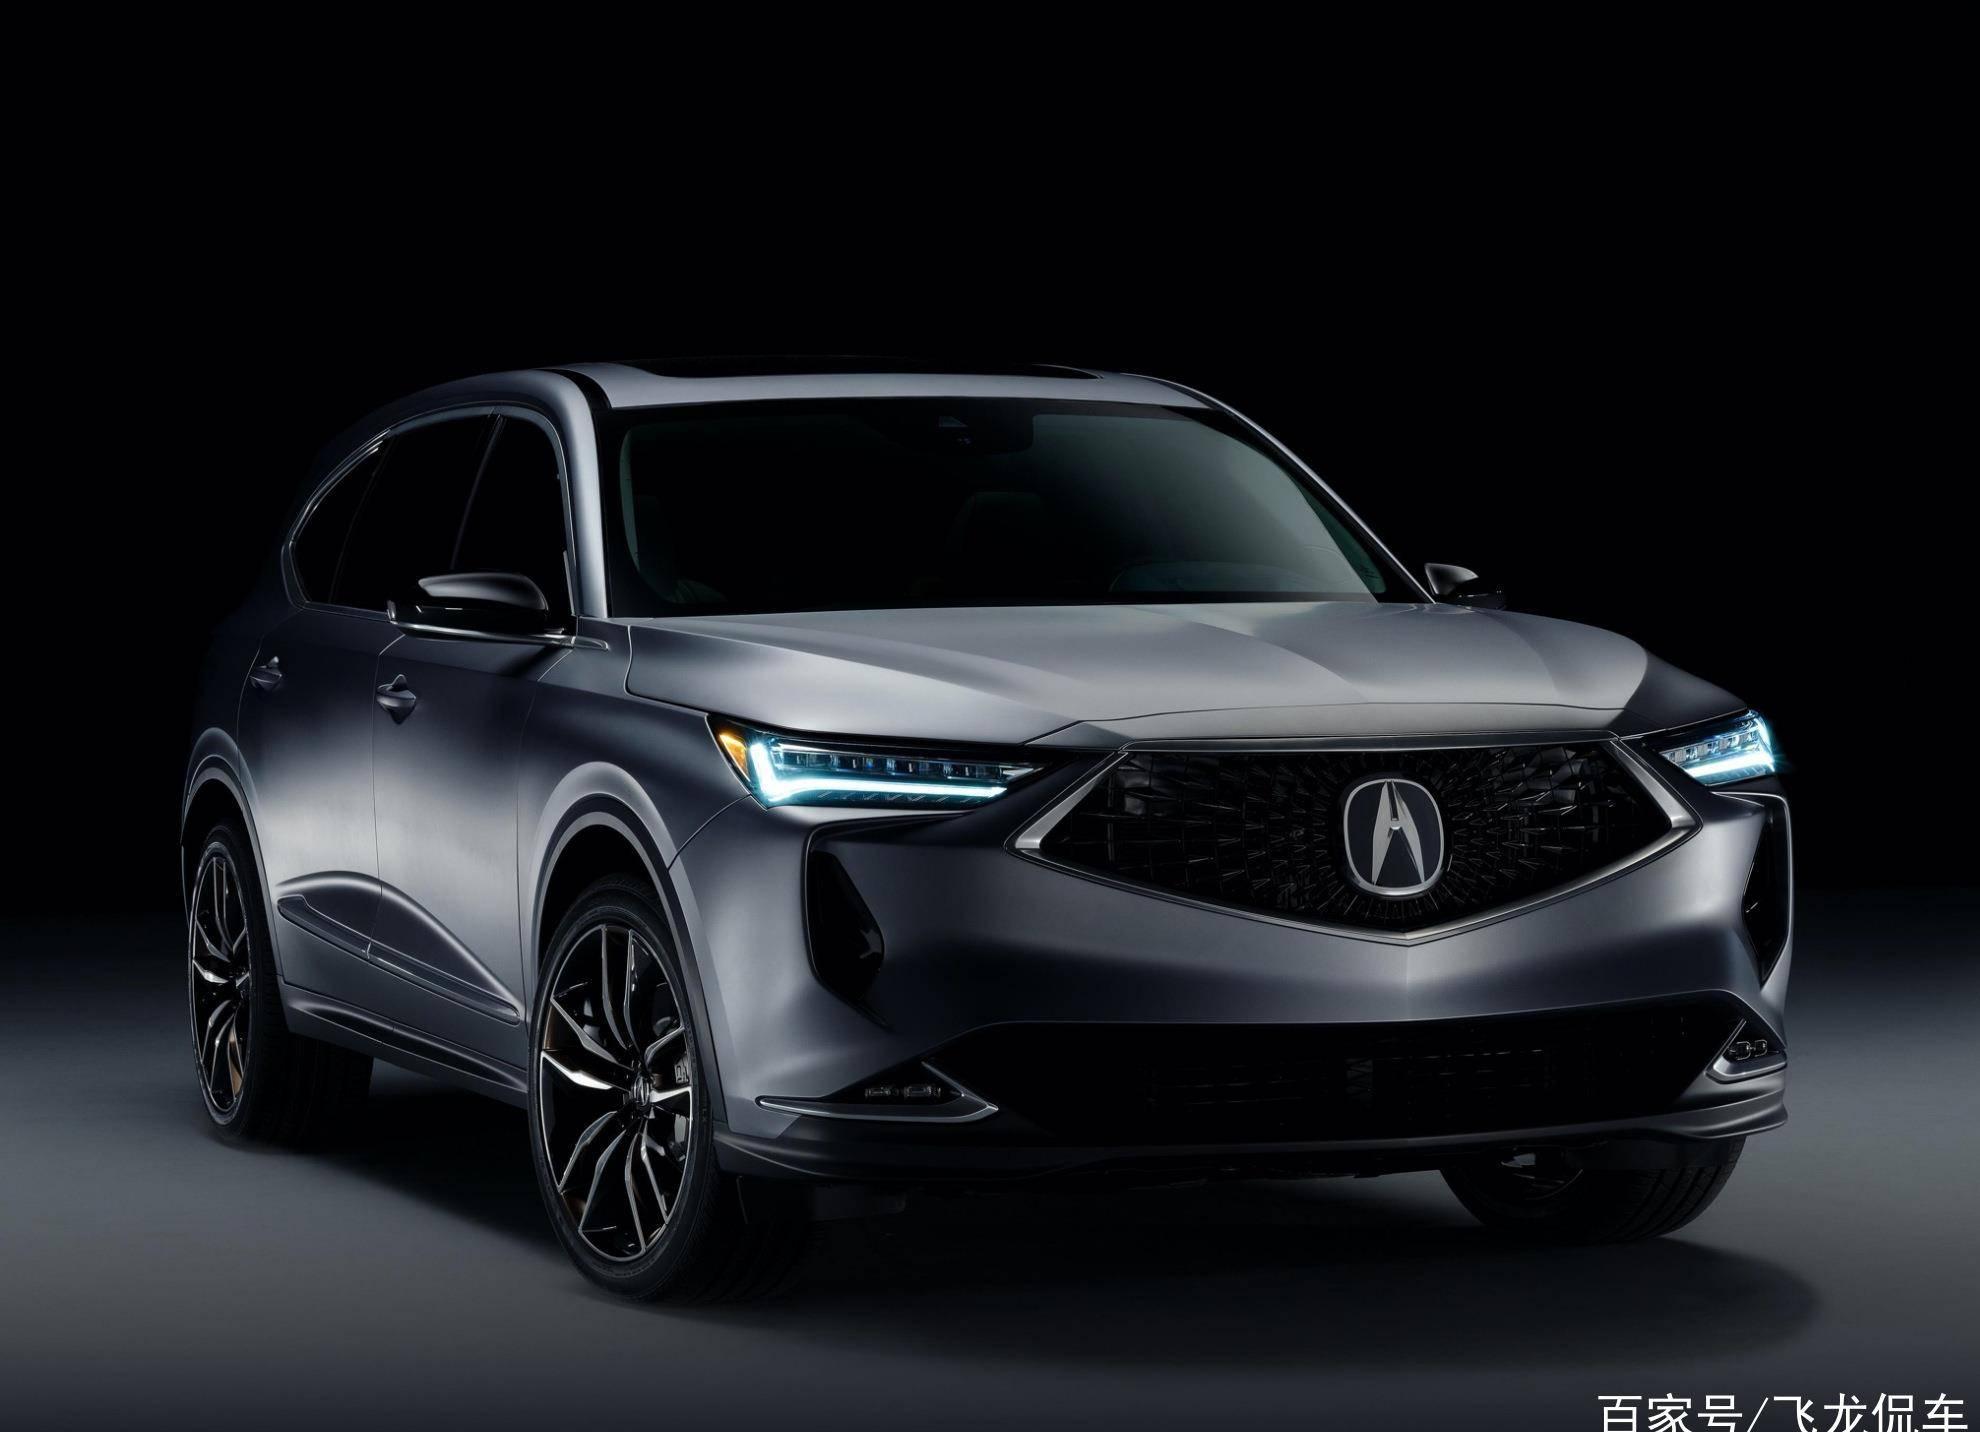 本田的另一款原创豪华SUV,长5米,大6座V6发动机,后排降低可以当床用